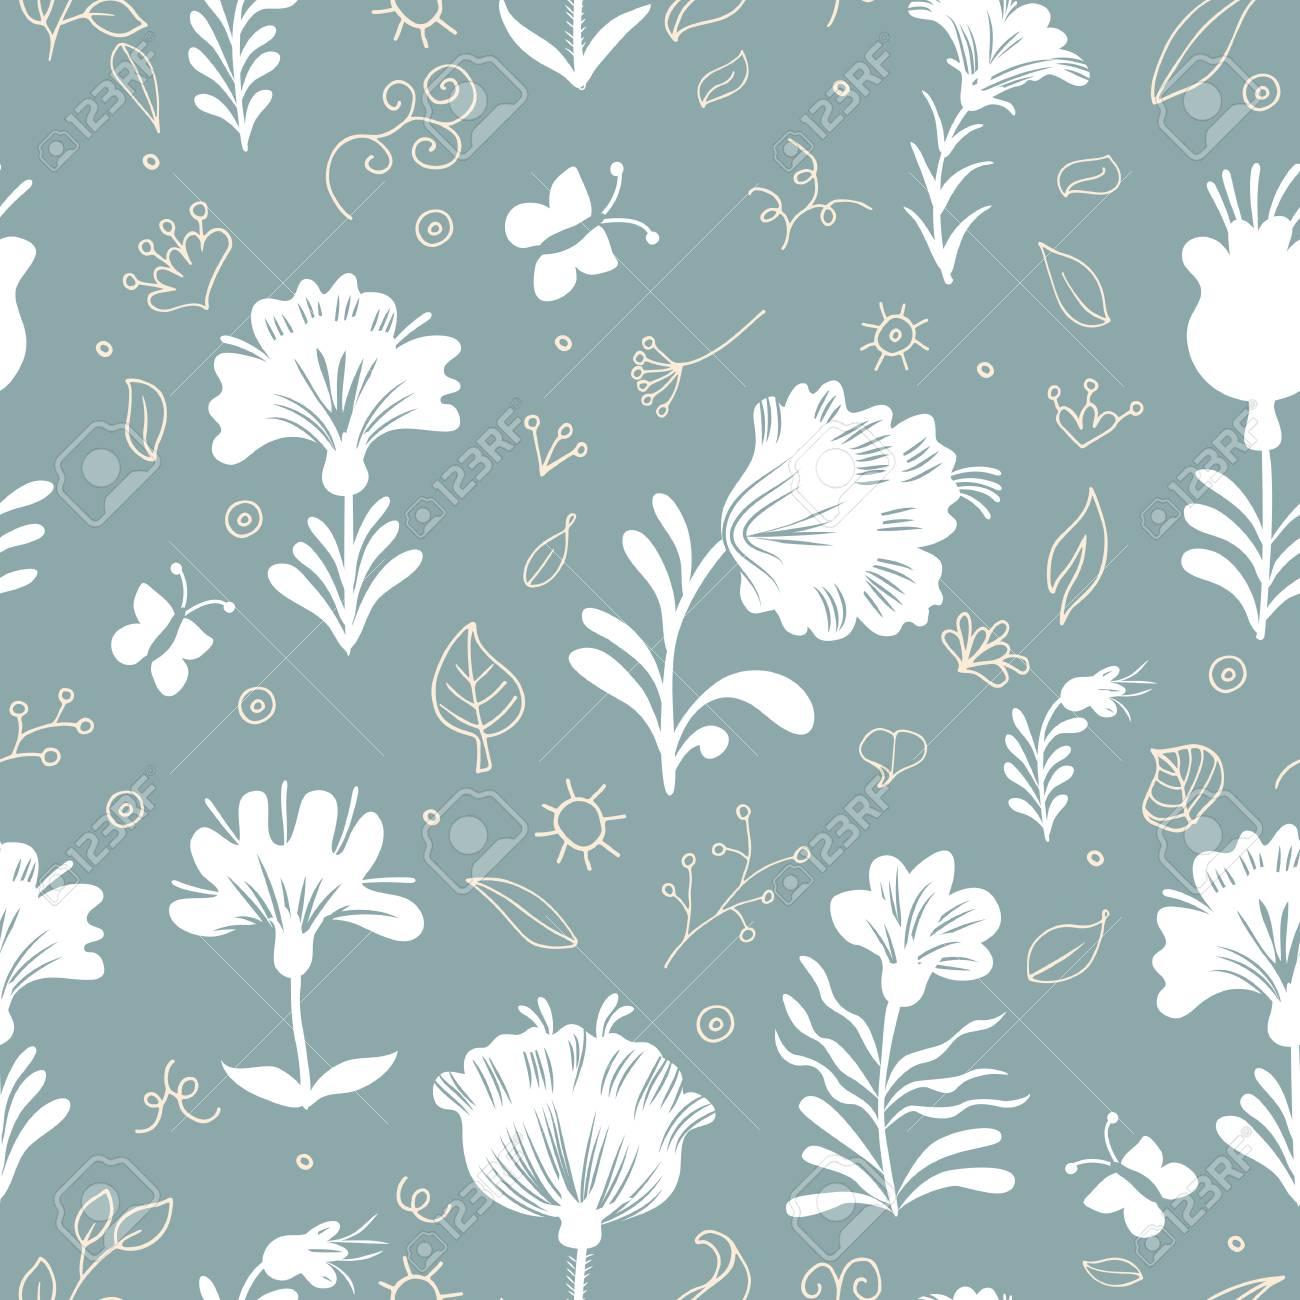 シームレスな花柄の壁紙 クラシックなスタイルの花と落書き要素パターン 青色の背景色のベージュと白の飾りのイラスト素材 ベクタ Image